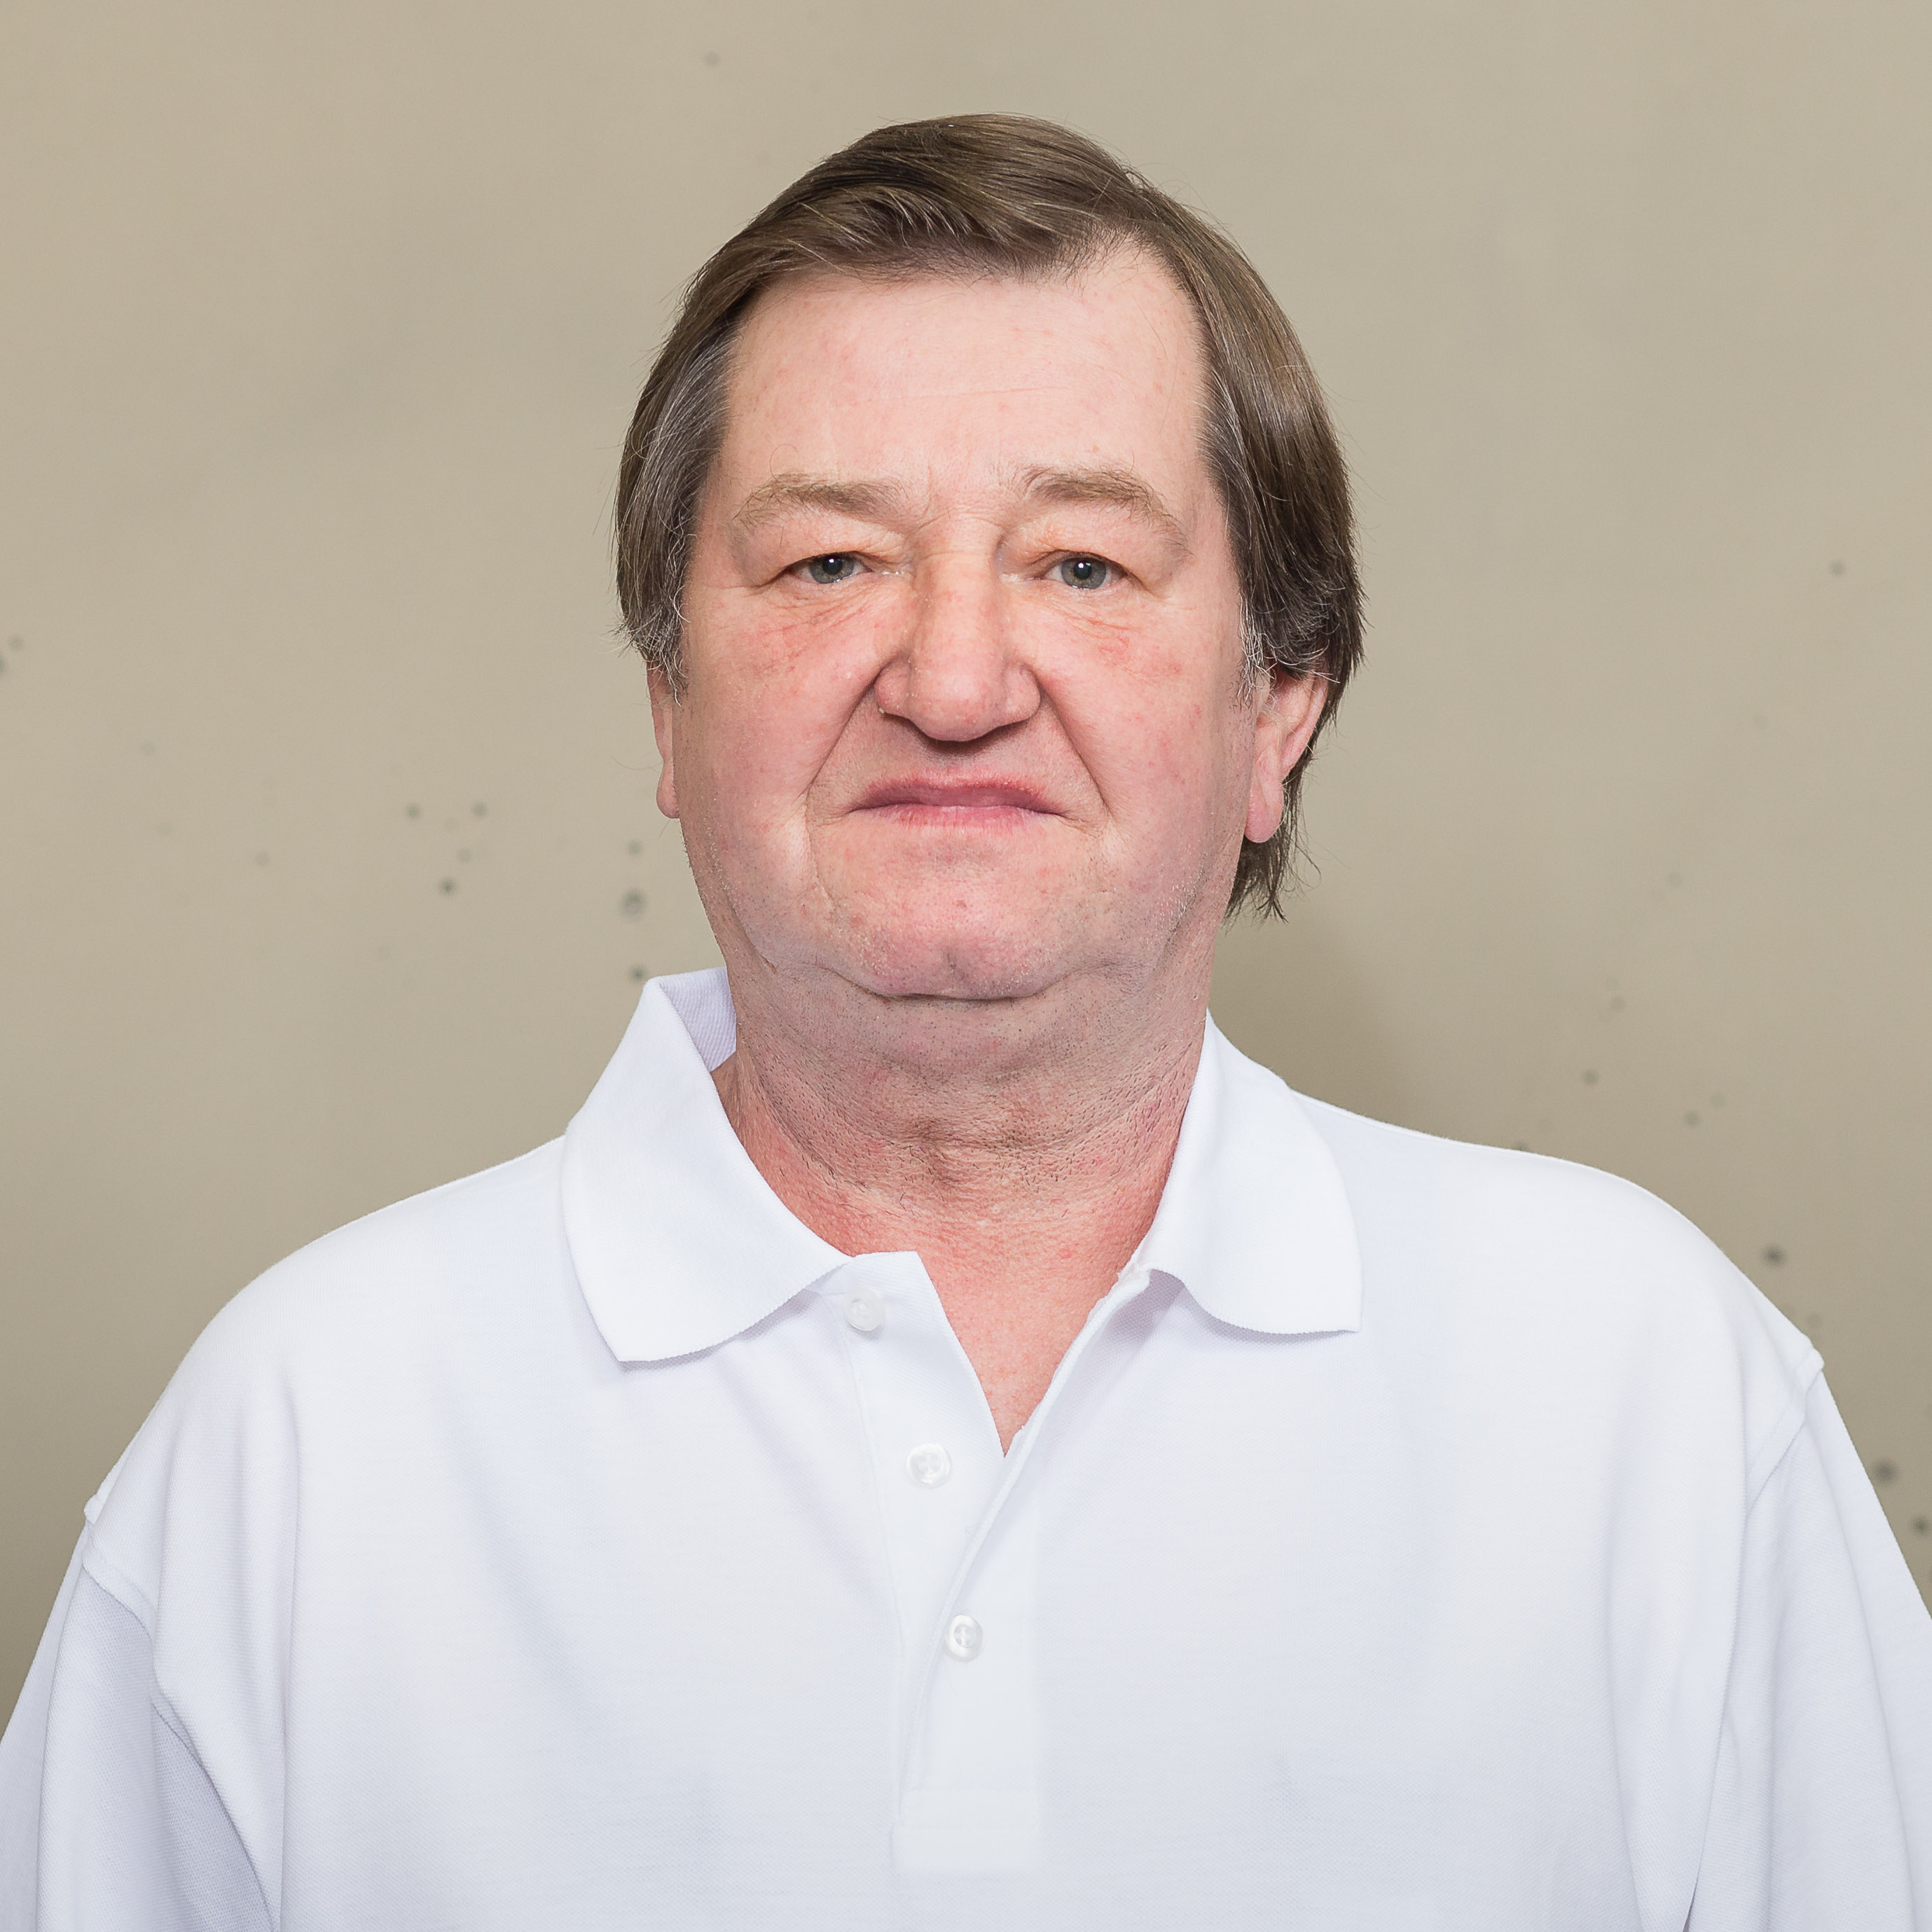 Dieter Motscha